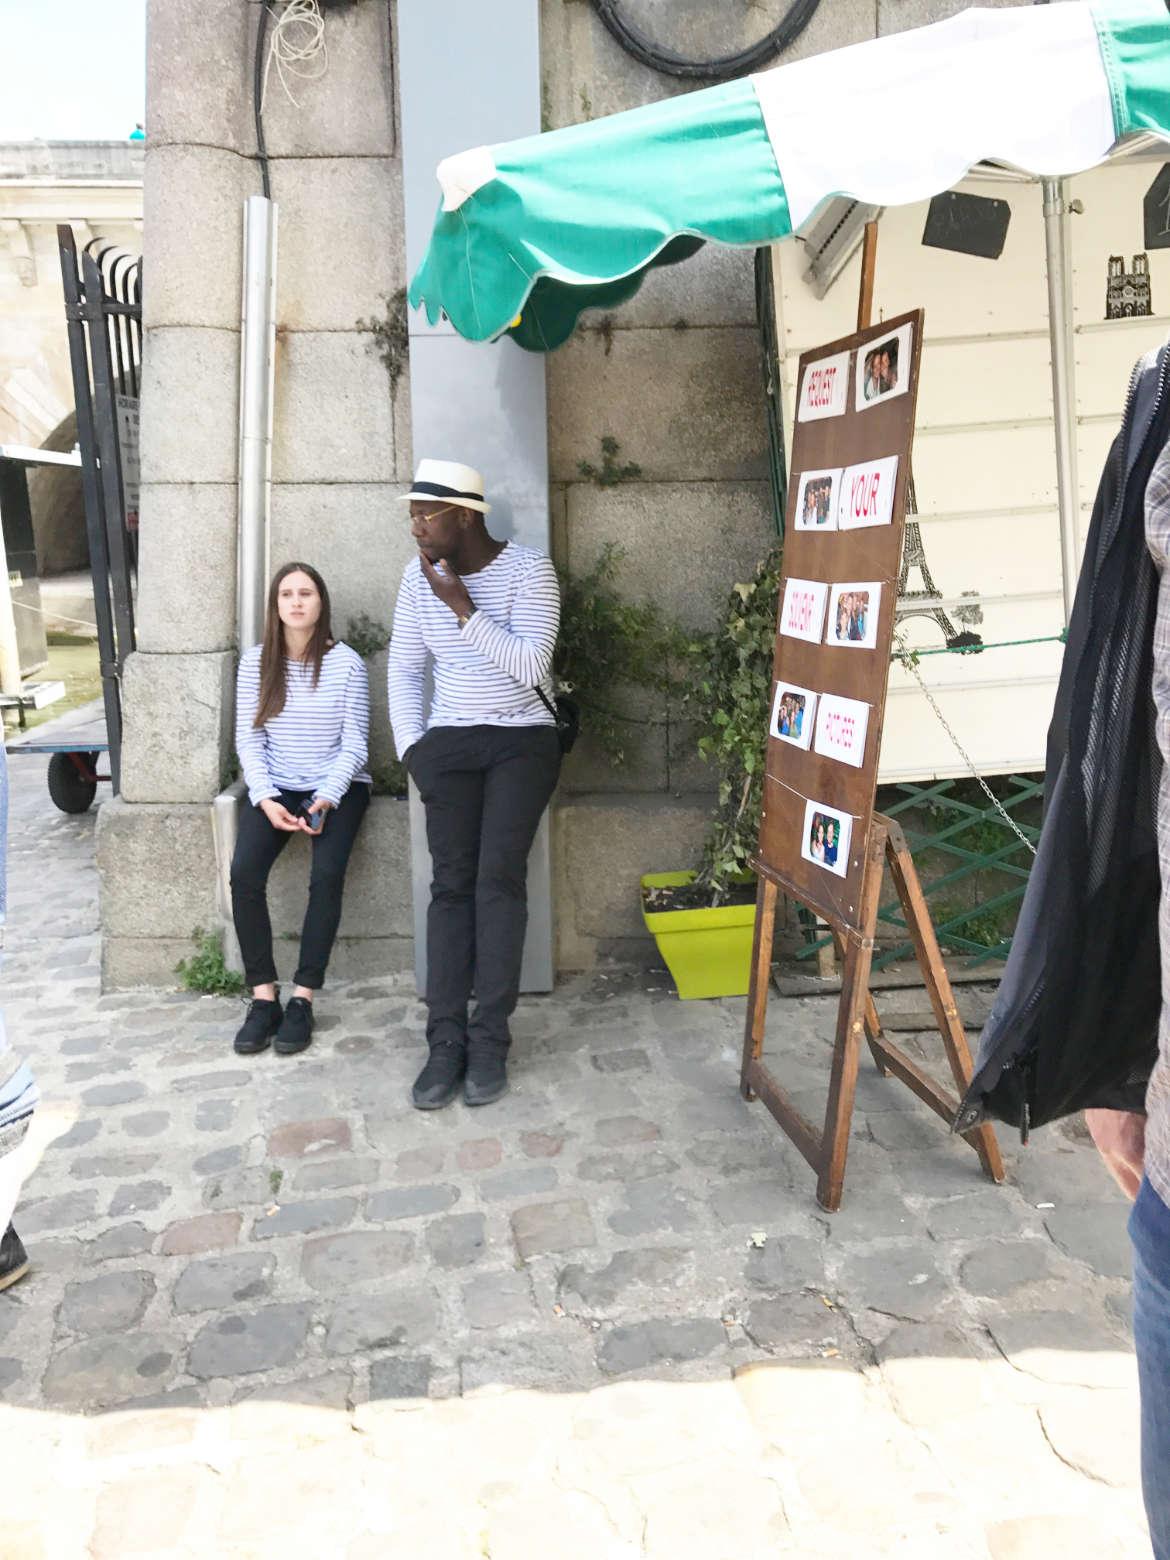 Maler und Liebesschlösser an der Seine, Paris